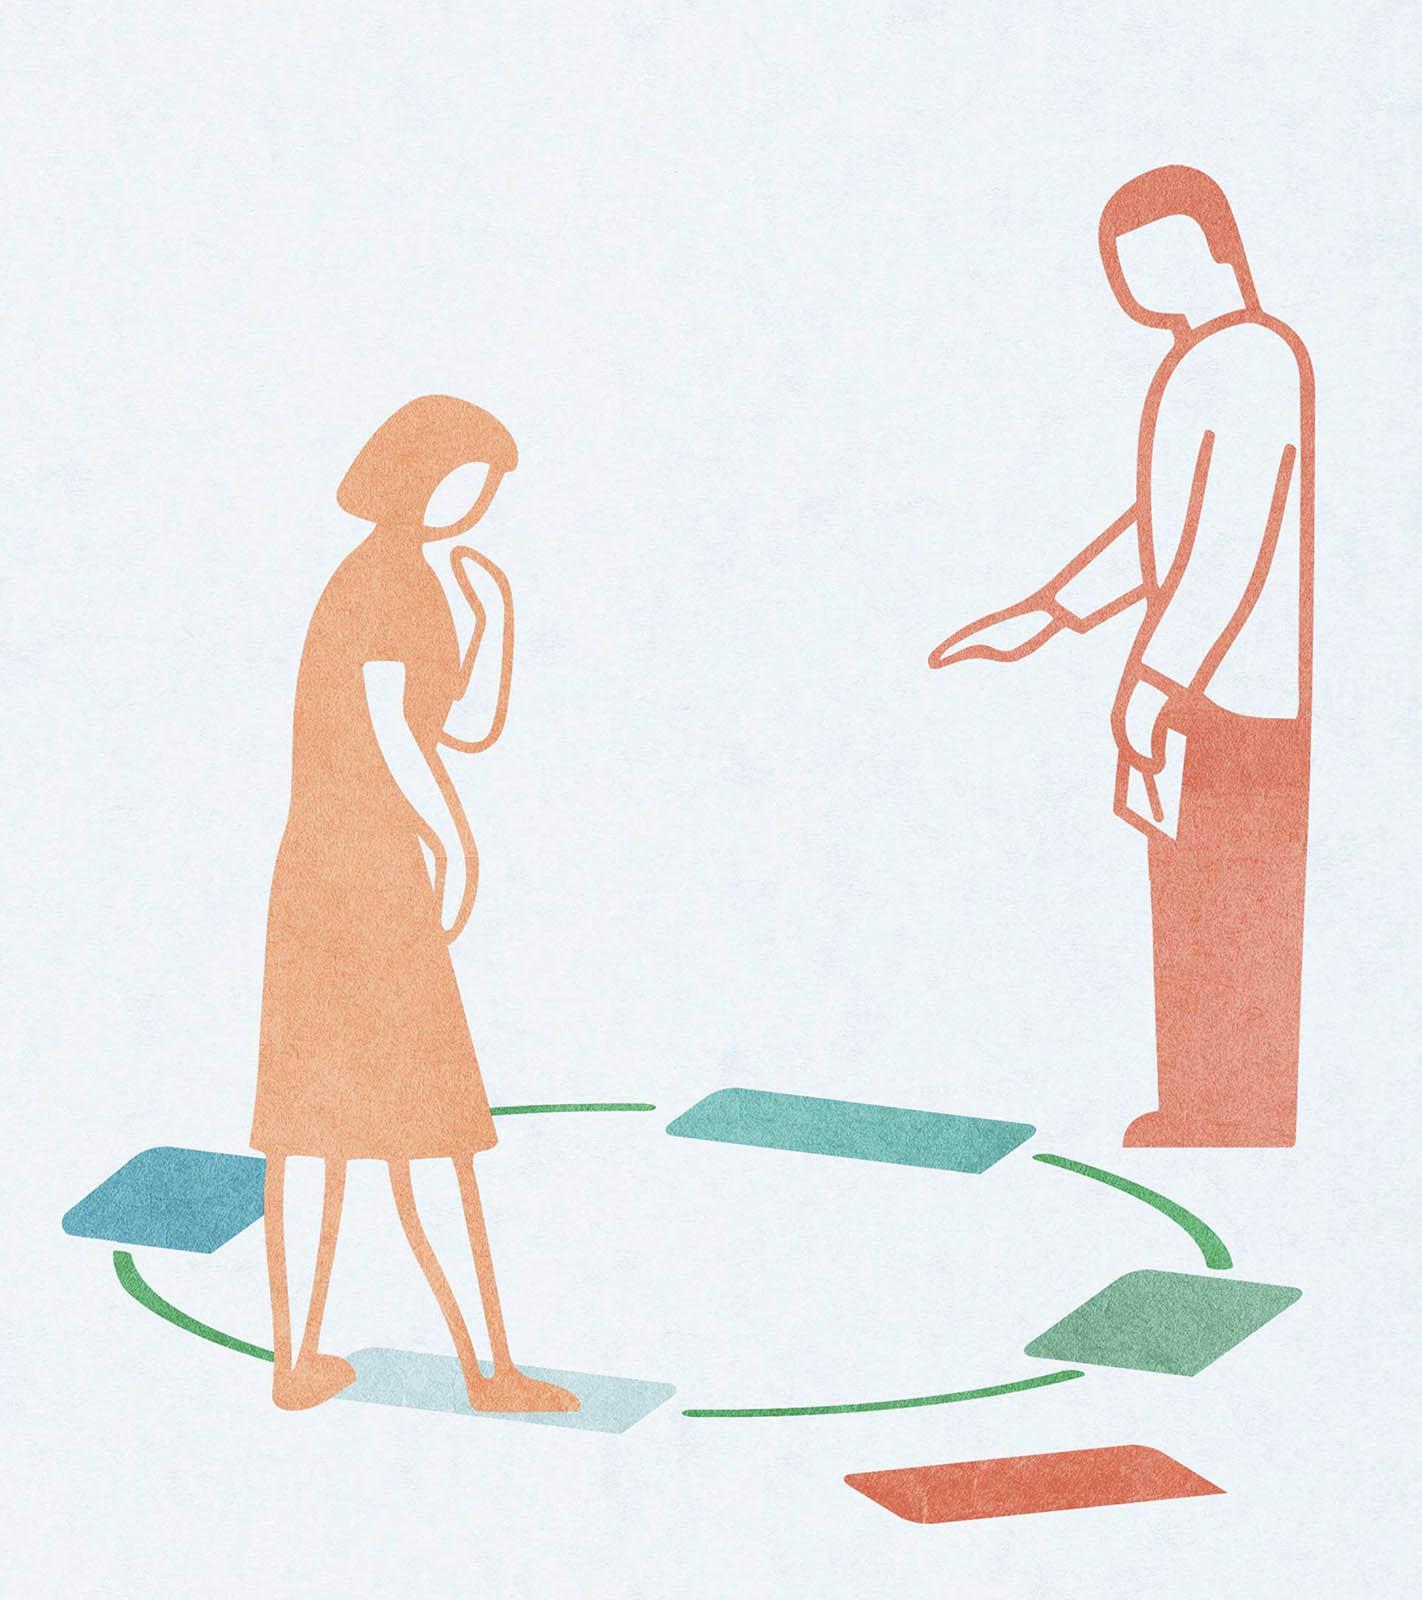 Das Tetralemma, ein Tool um besser Entscheidungen zu treffen